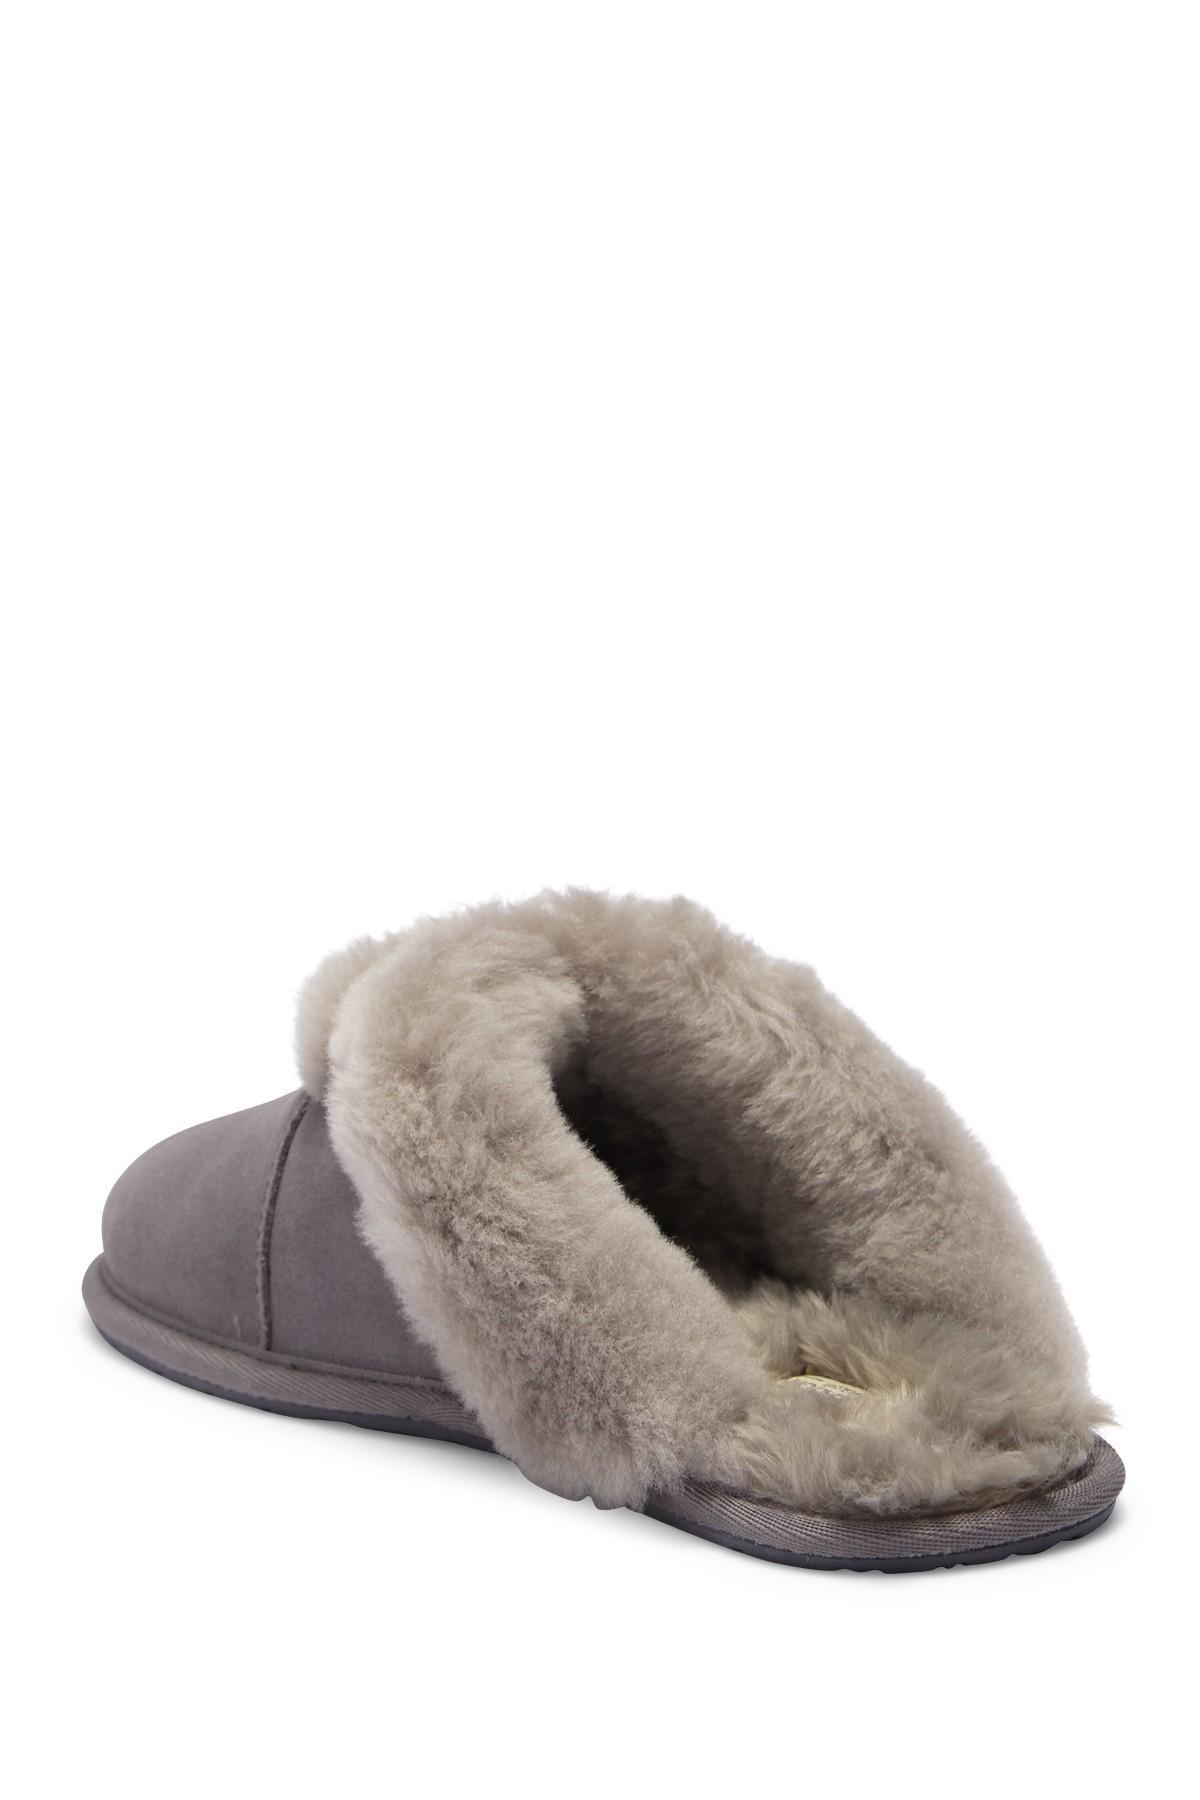 490e61c84b2 UGG Milo Genuine Shearling & Faux Fur Trimmed Scuff Slipper in Gray ...